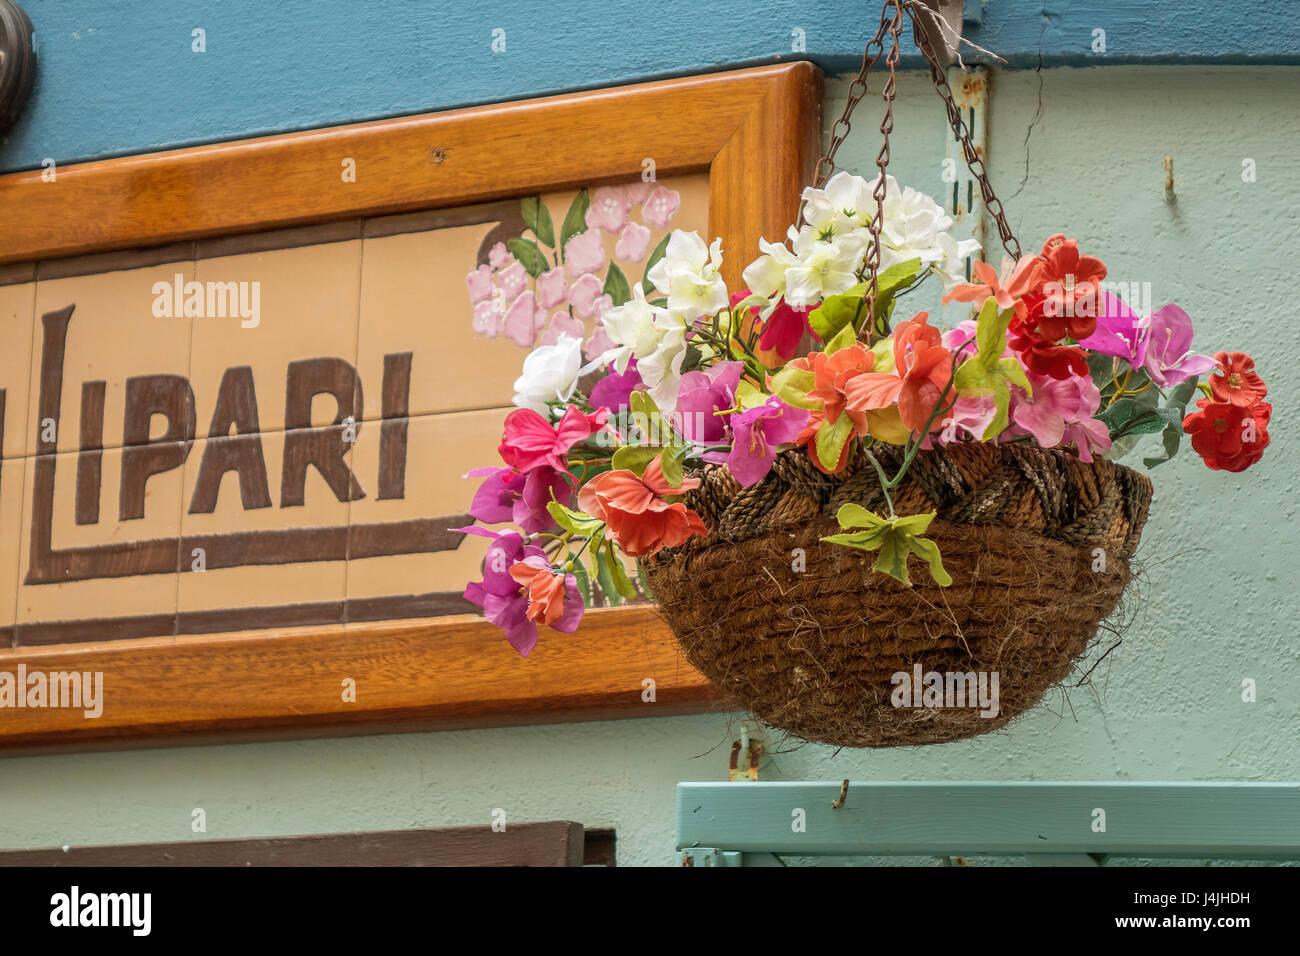 L'Italia, Isole Eolie o Lipari, fiori di strada Immagini Stock